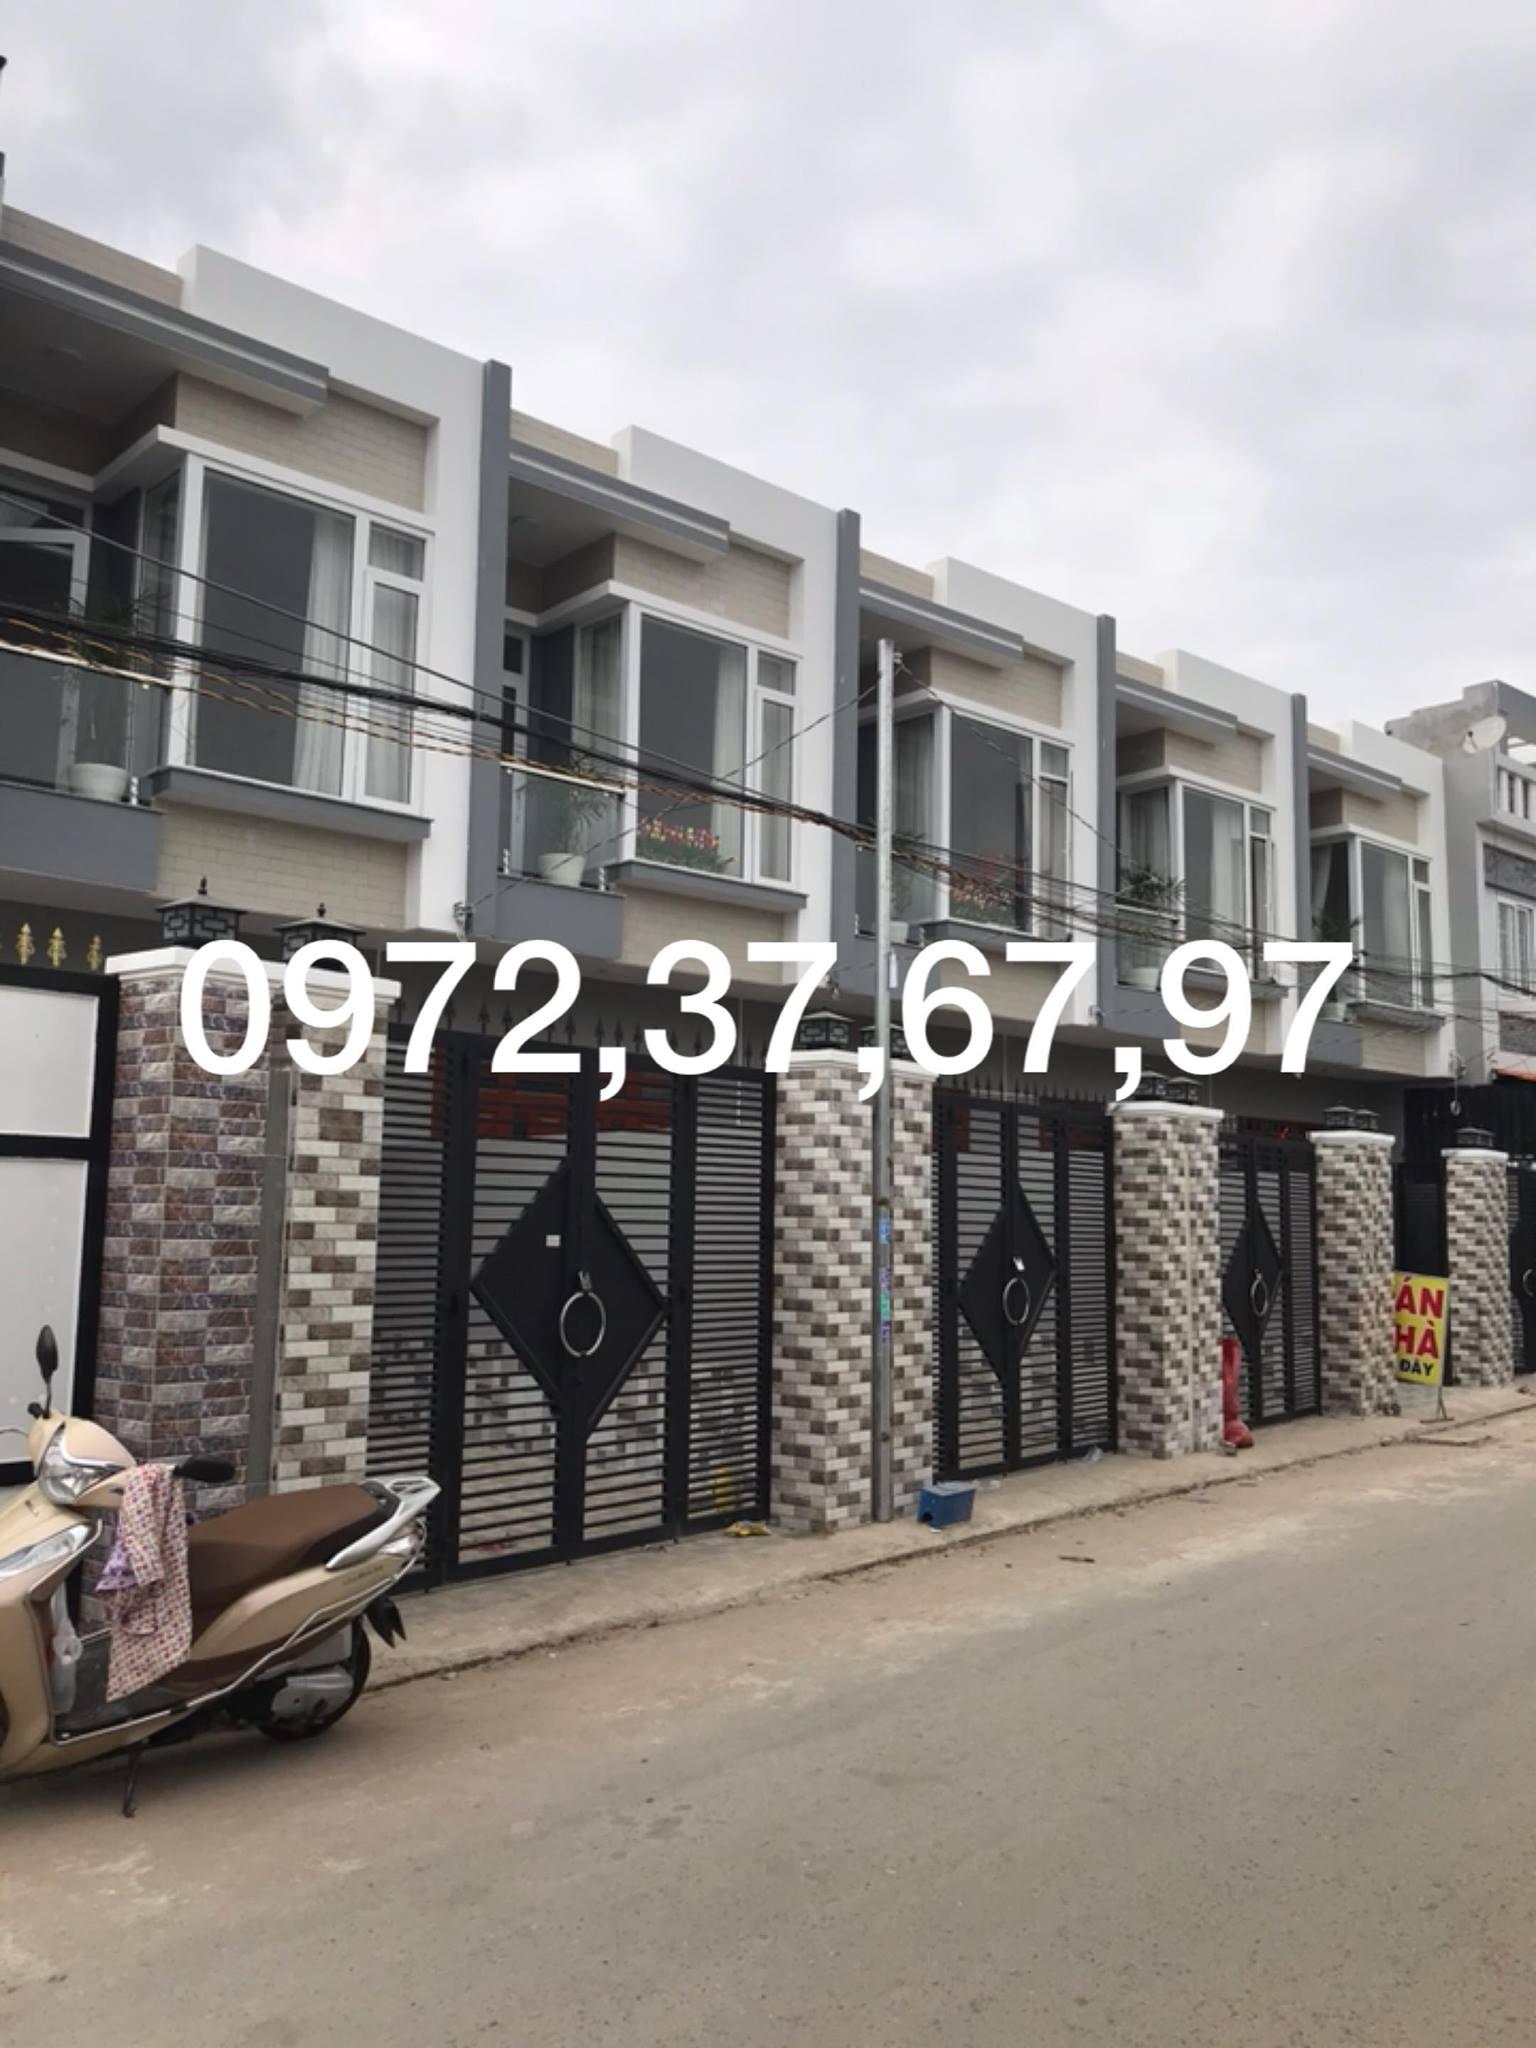 Chính chủ bán nhà dĩ an bình dương vị rí đẹp đường thông gần ngã tư Bình Thung